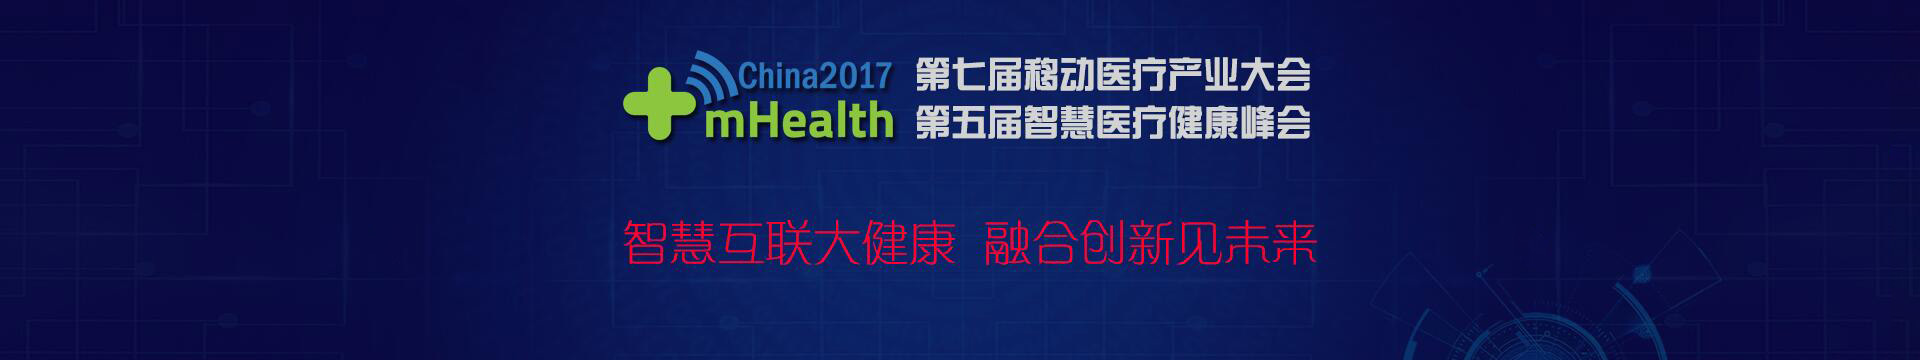 2017第七届移动医疗产业大会暨第五届智慧医疗健康峰会